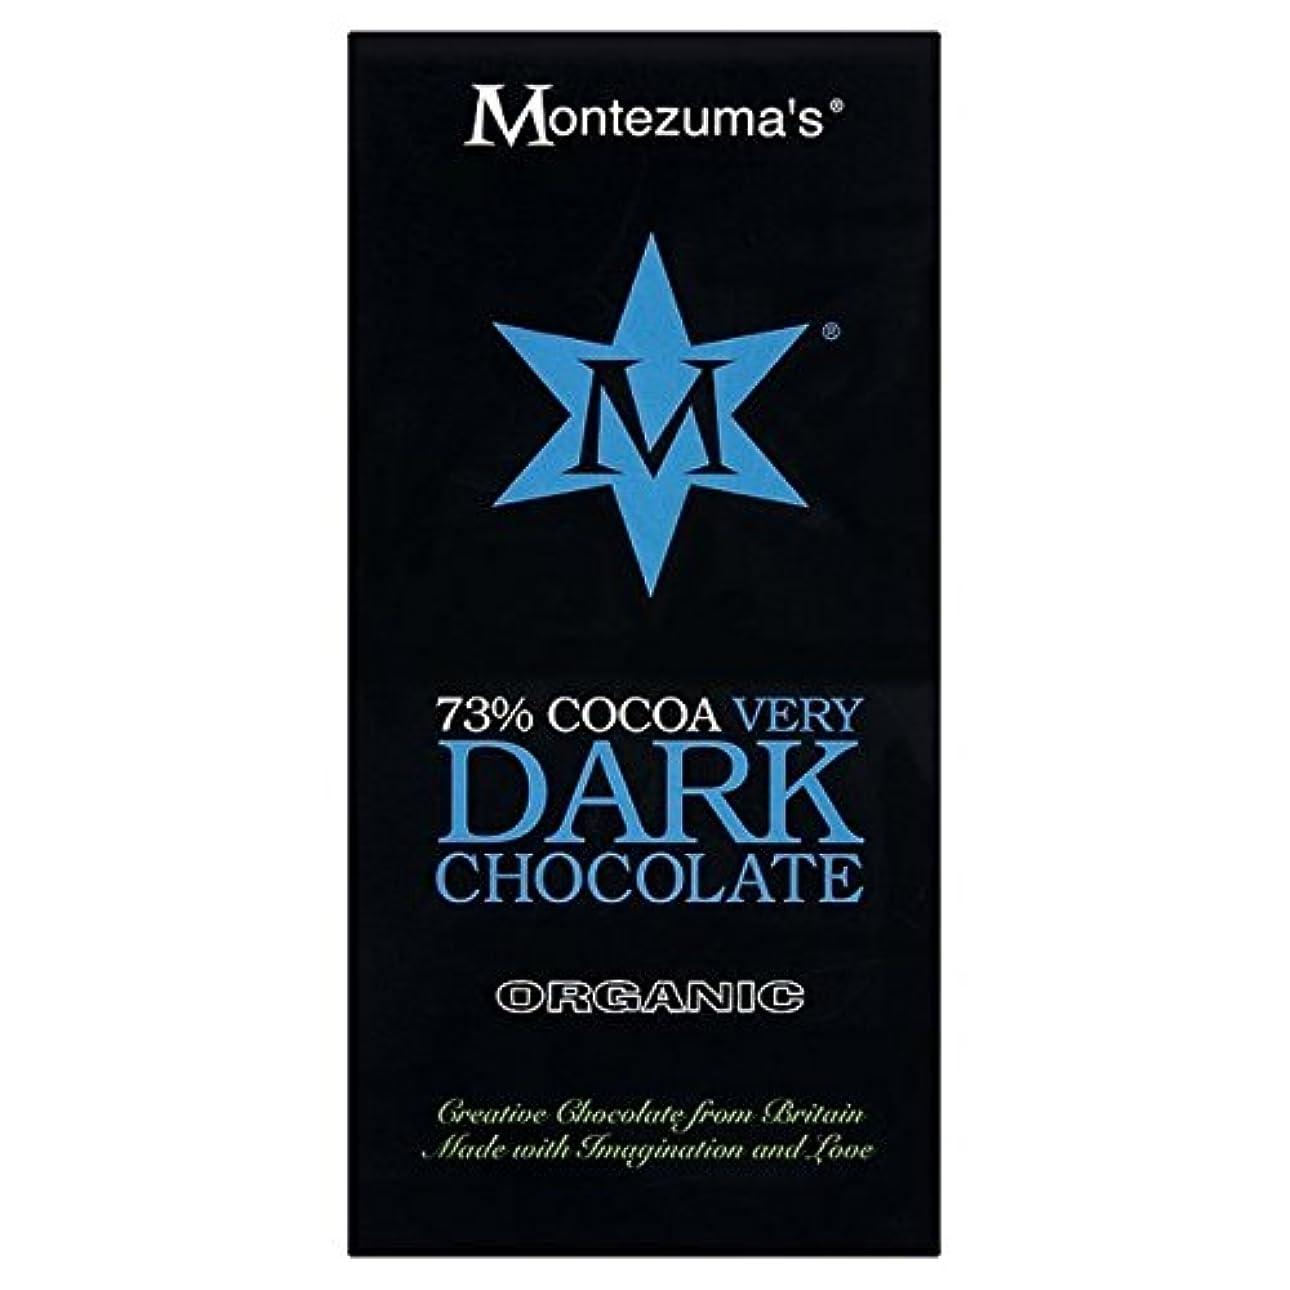 原稿会計士欠かせないモンテスマのダークチョコレートバー100グラム (x 4) - Montezuma's Dark Chocolate Bar 100g (Pack of 4) [並行輸入品]